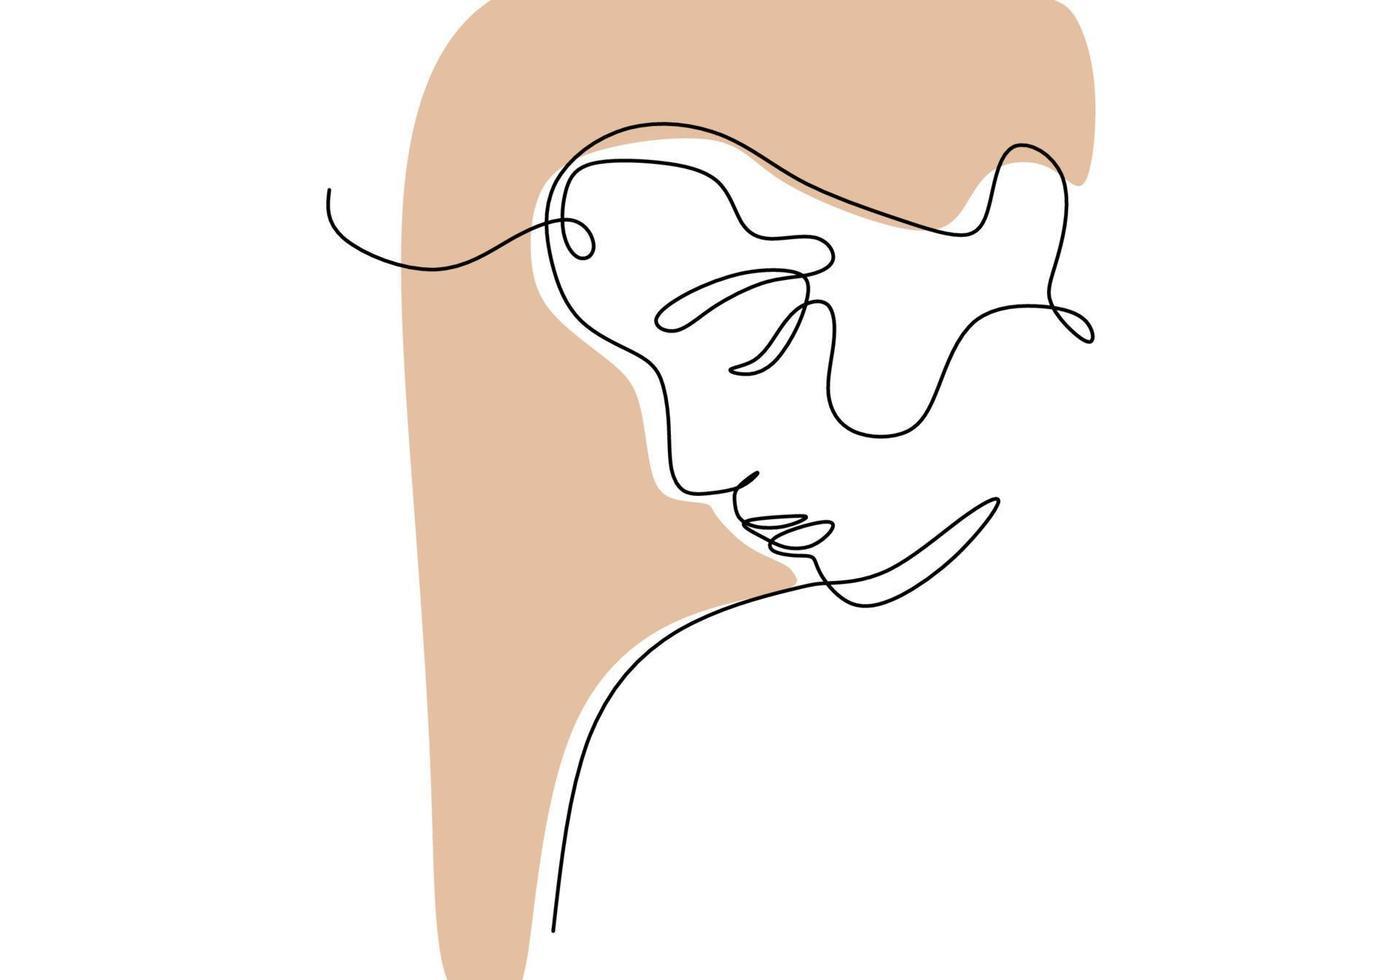 dessin au trait continu face abstraite. vecteur de minimalisme isolé sur fond blanc.